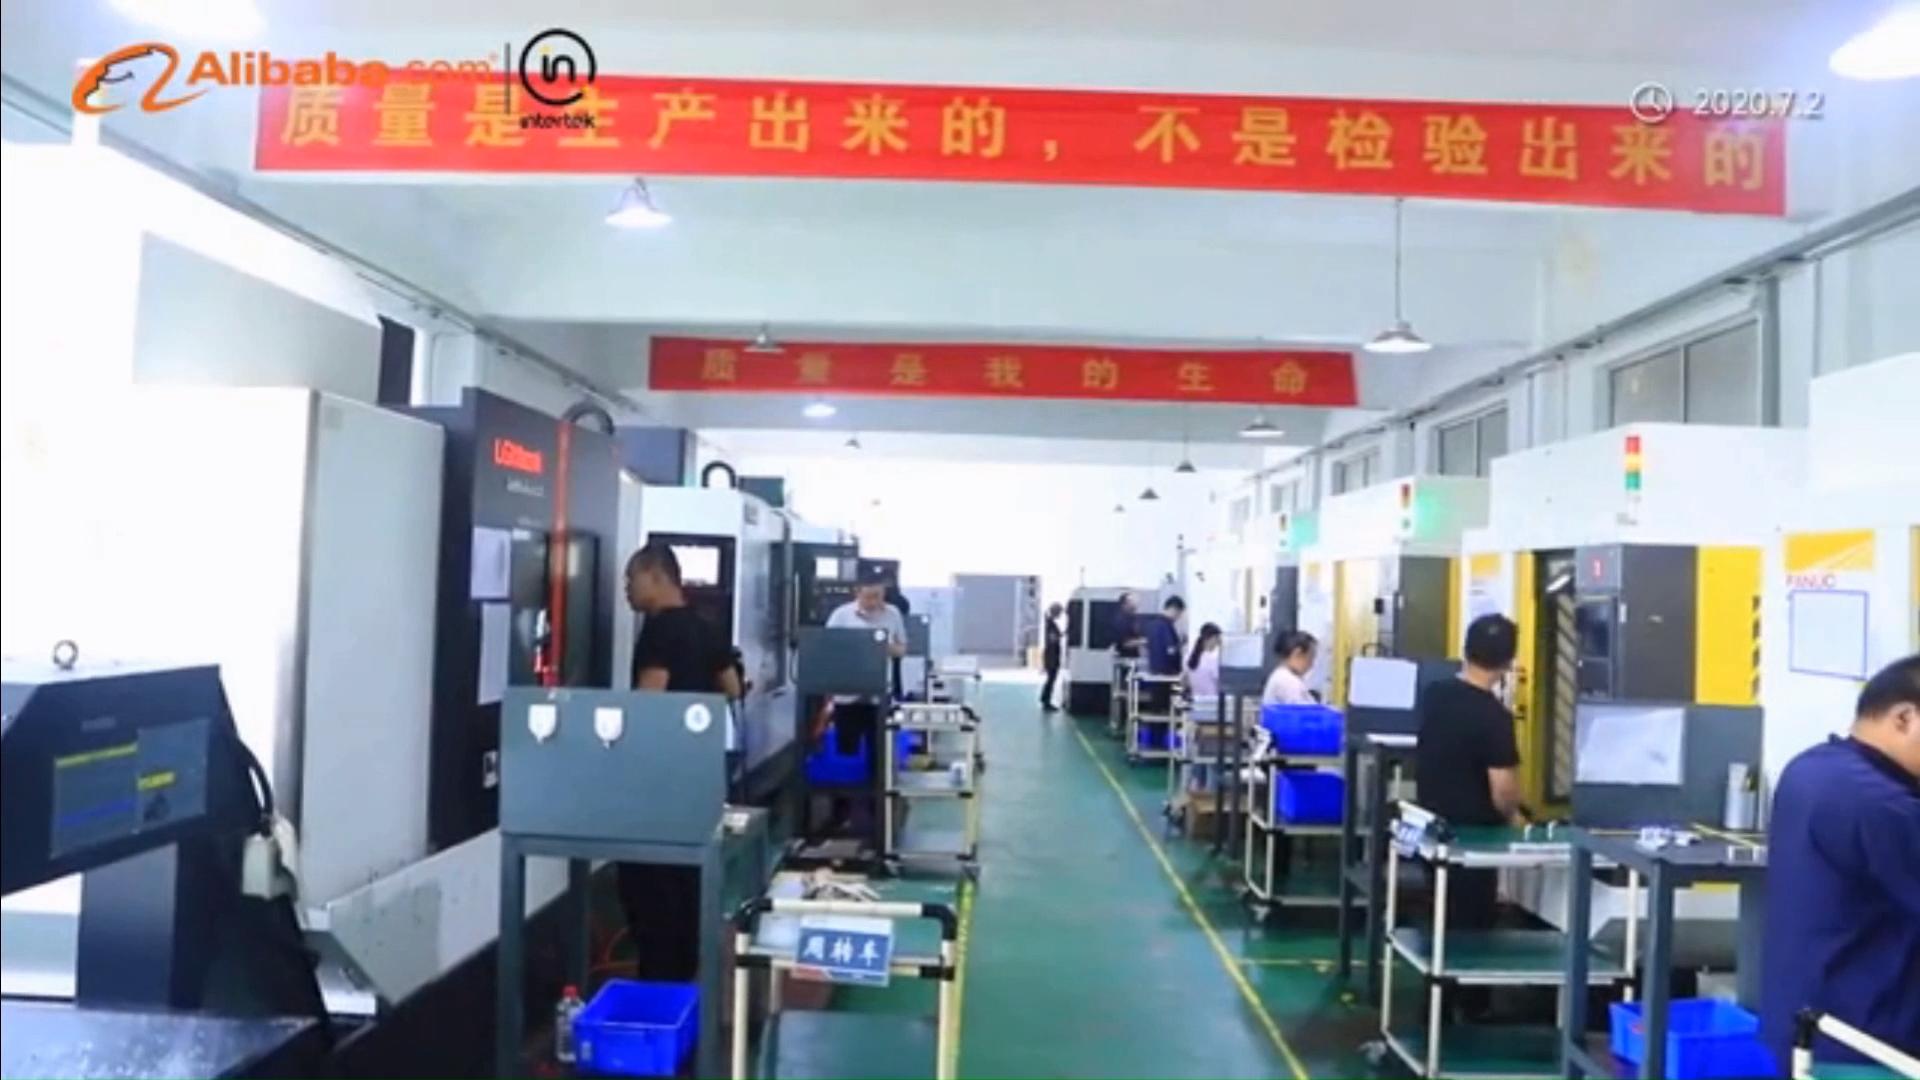 Trung Quốc Cnc Các Bộ Phận Nhôm Cnc Thép Dịch Vụ Gia Công